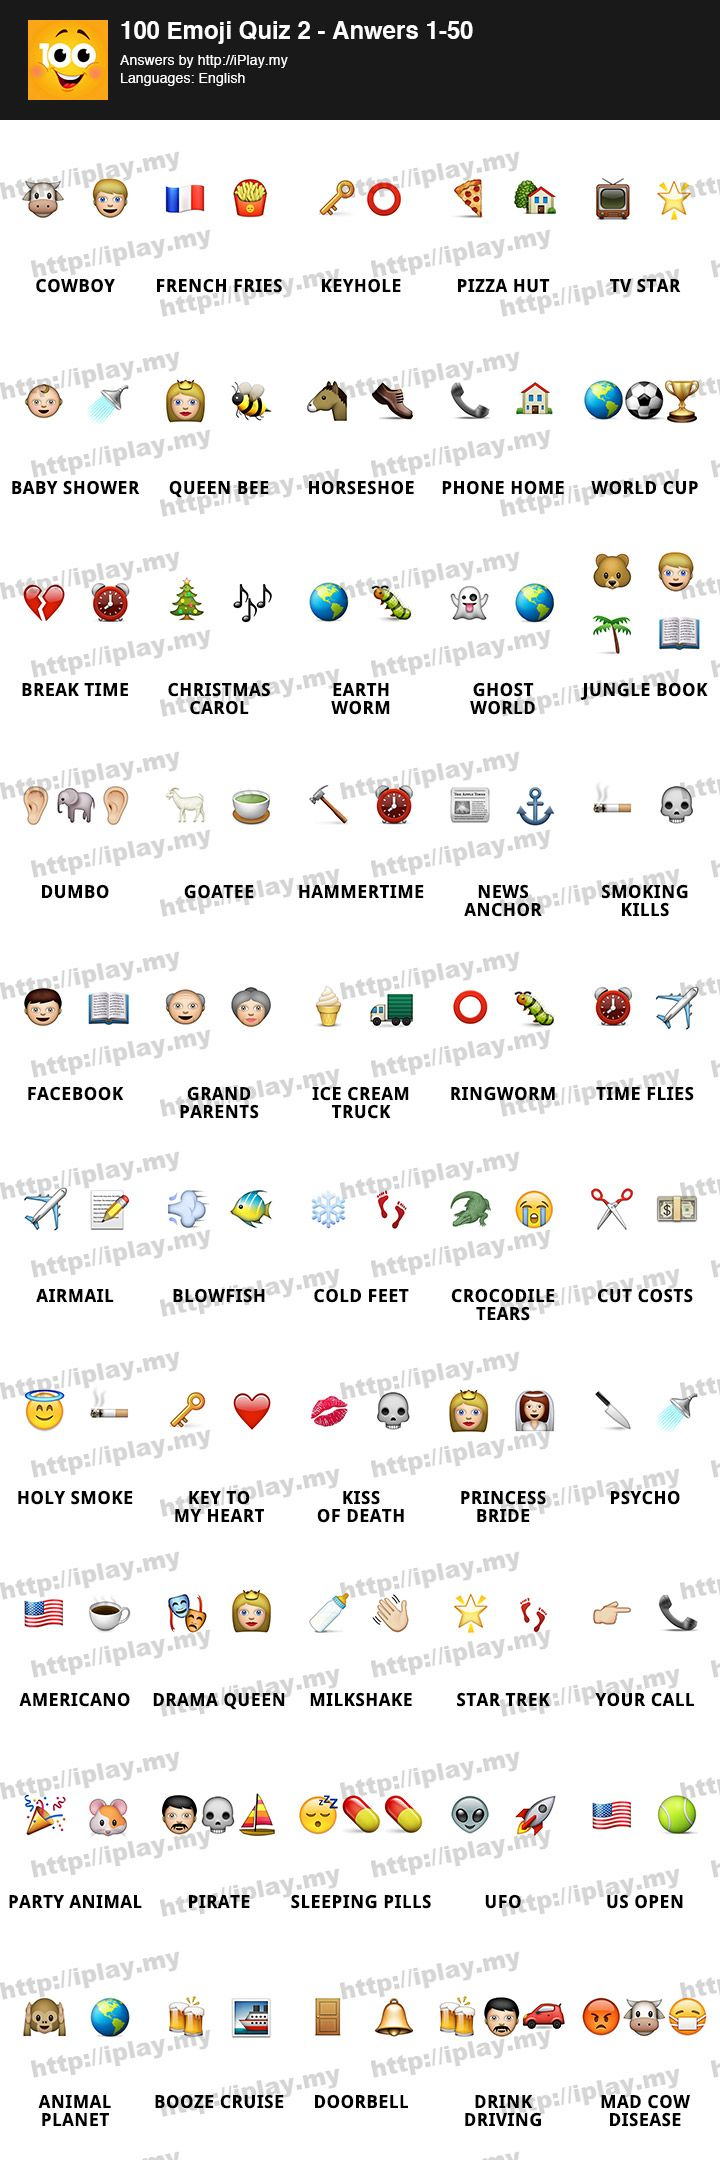 100-Emoji-Quiz-2-Answers-1-50